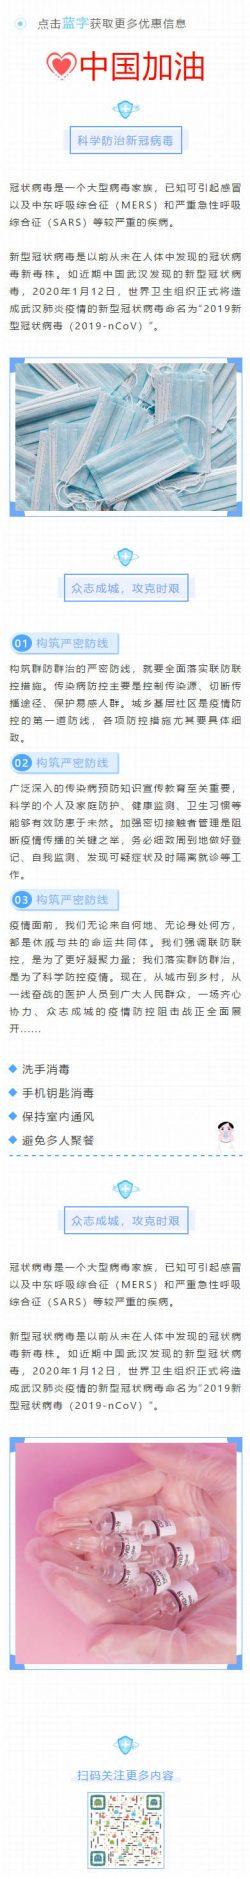 春节疫情防控微信公众号推文模板推送图文素材微信文章